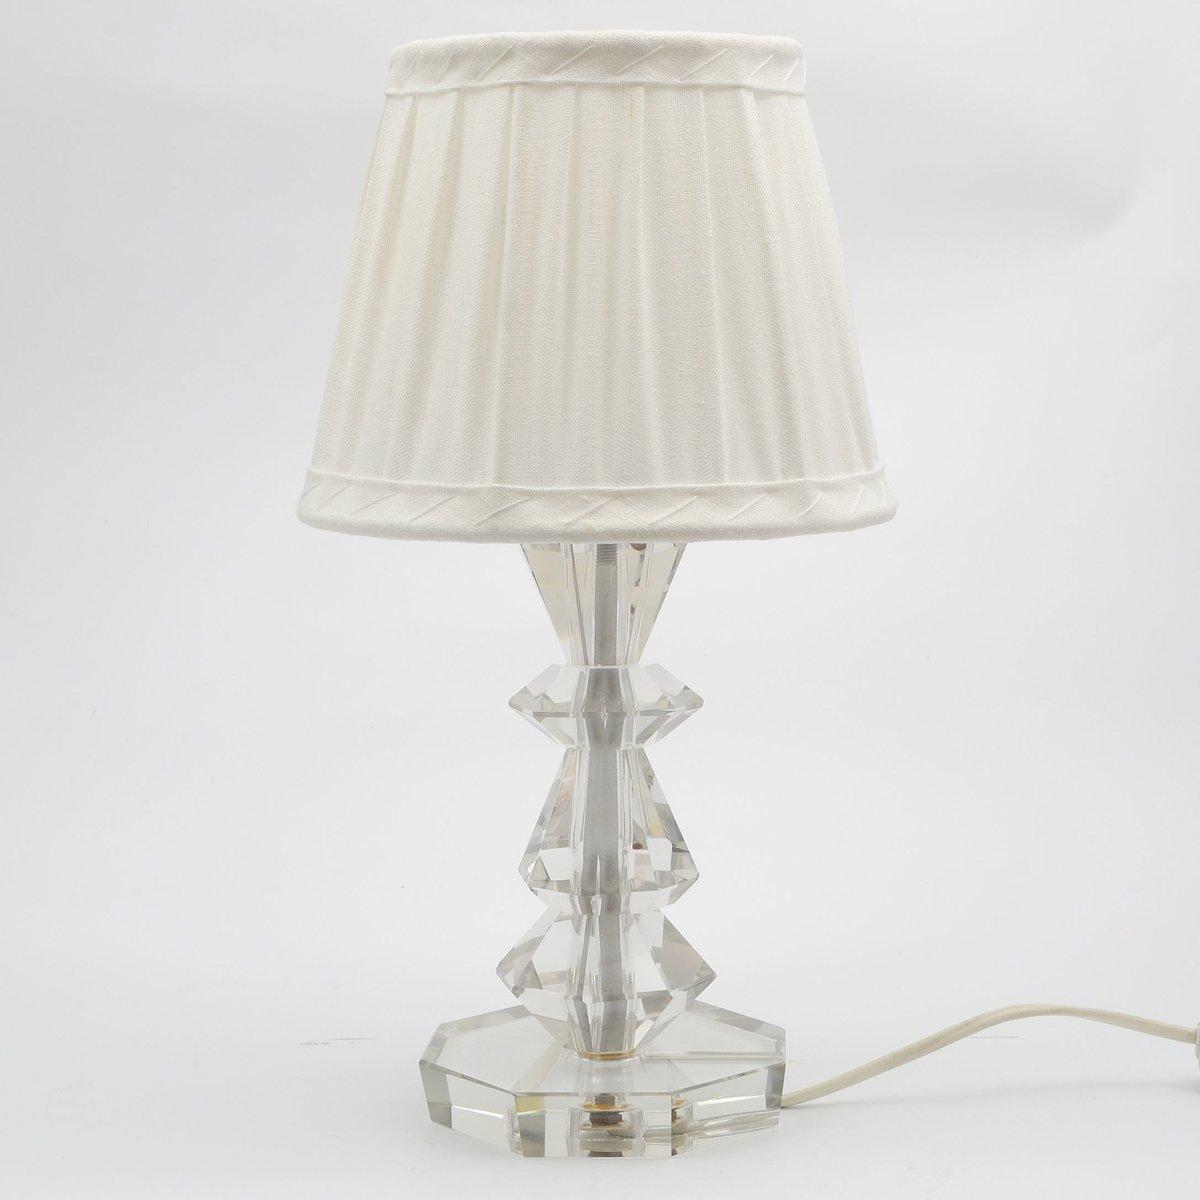 Kristallglas-Tischlampe, 1970er